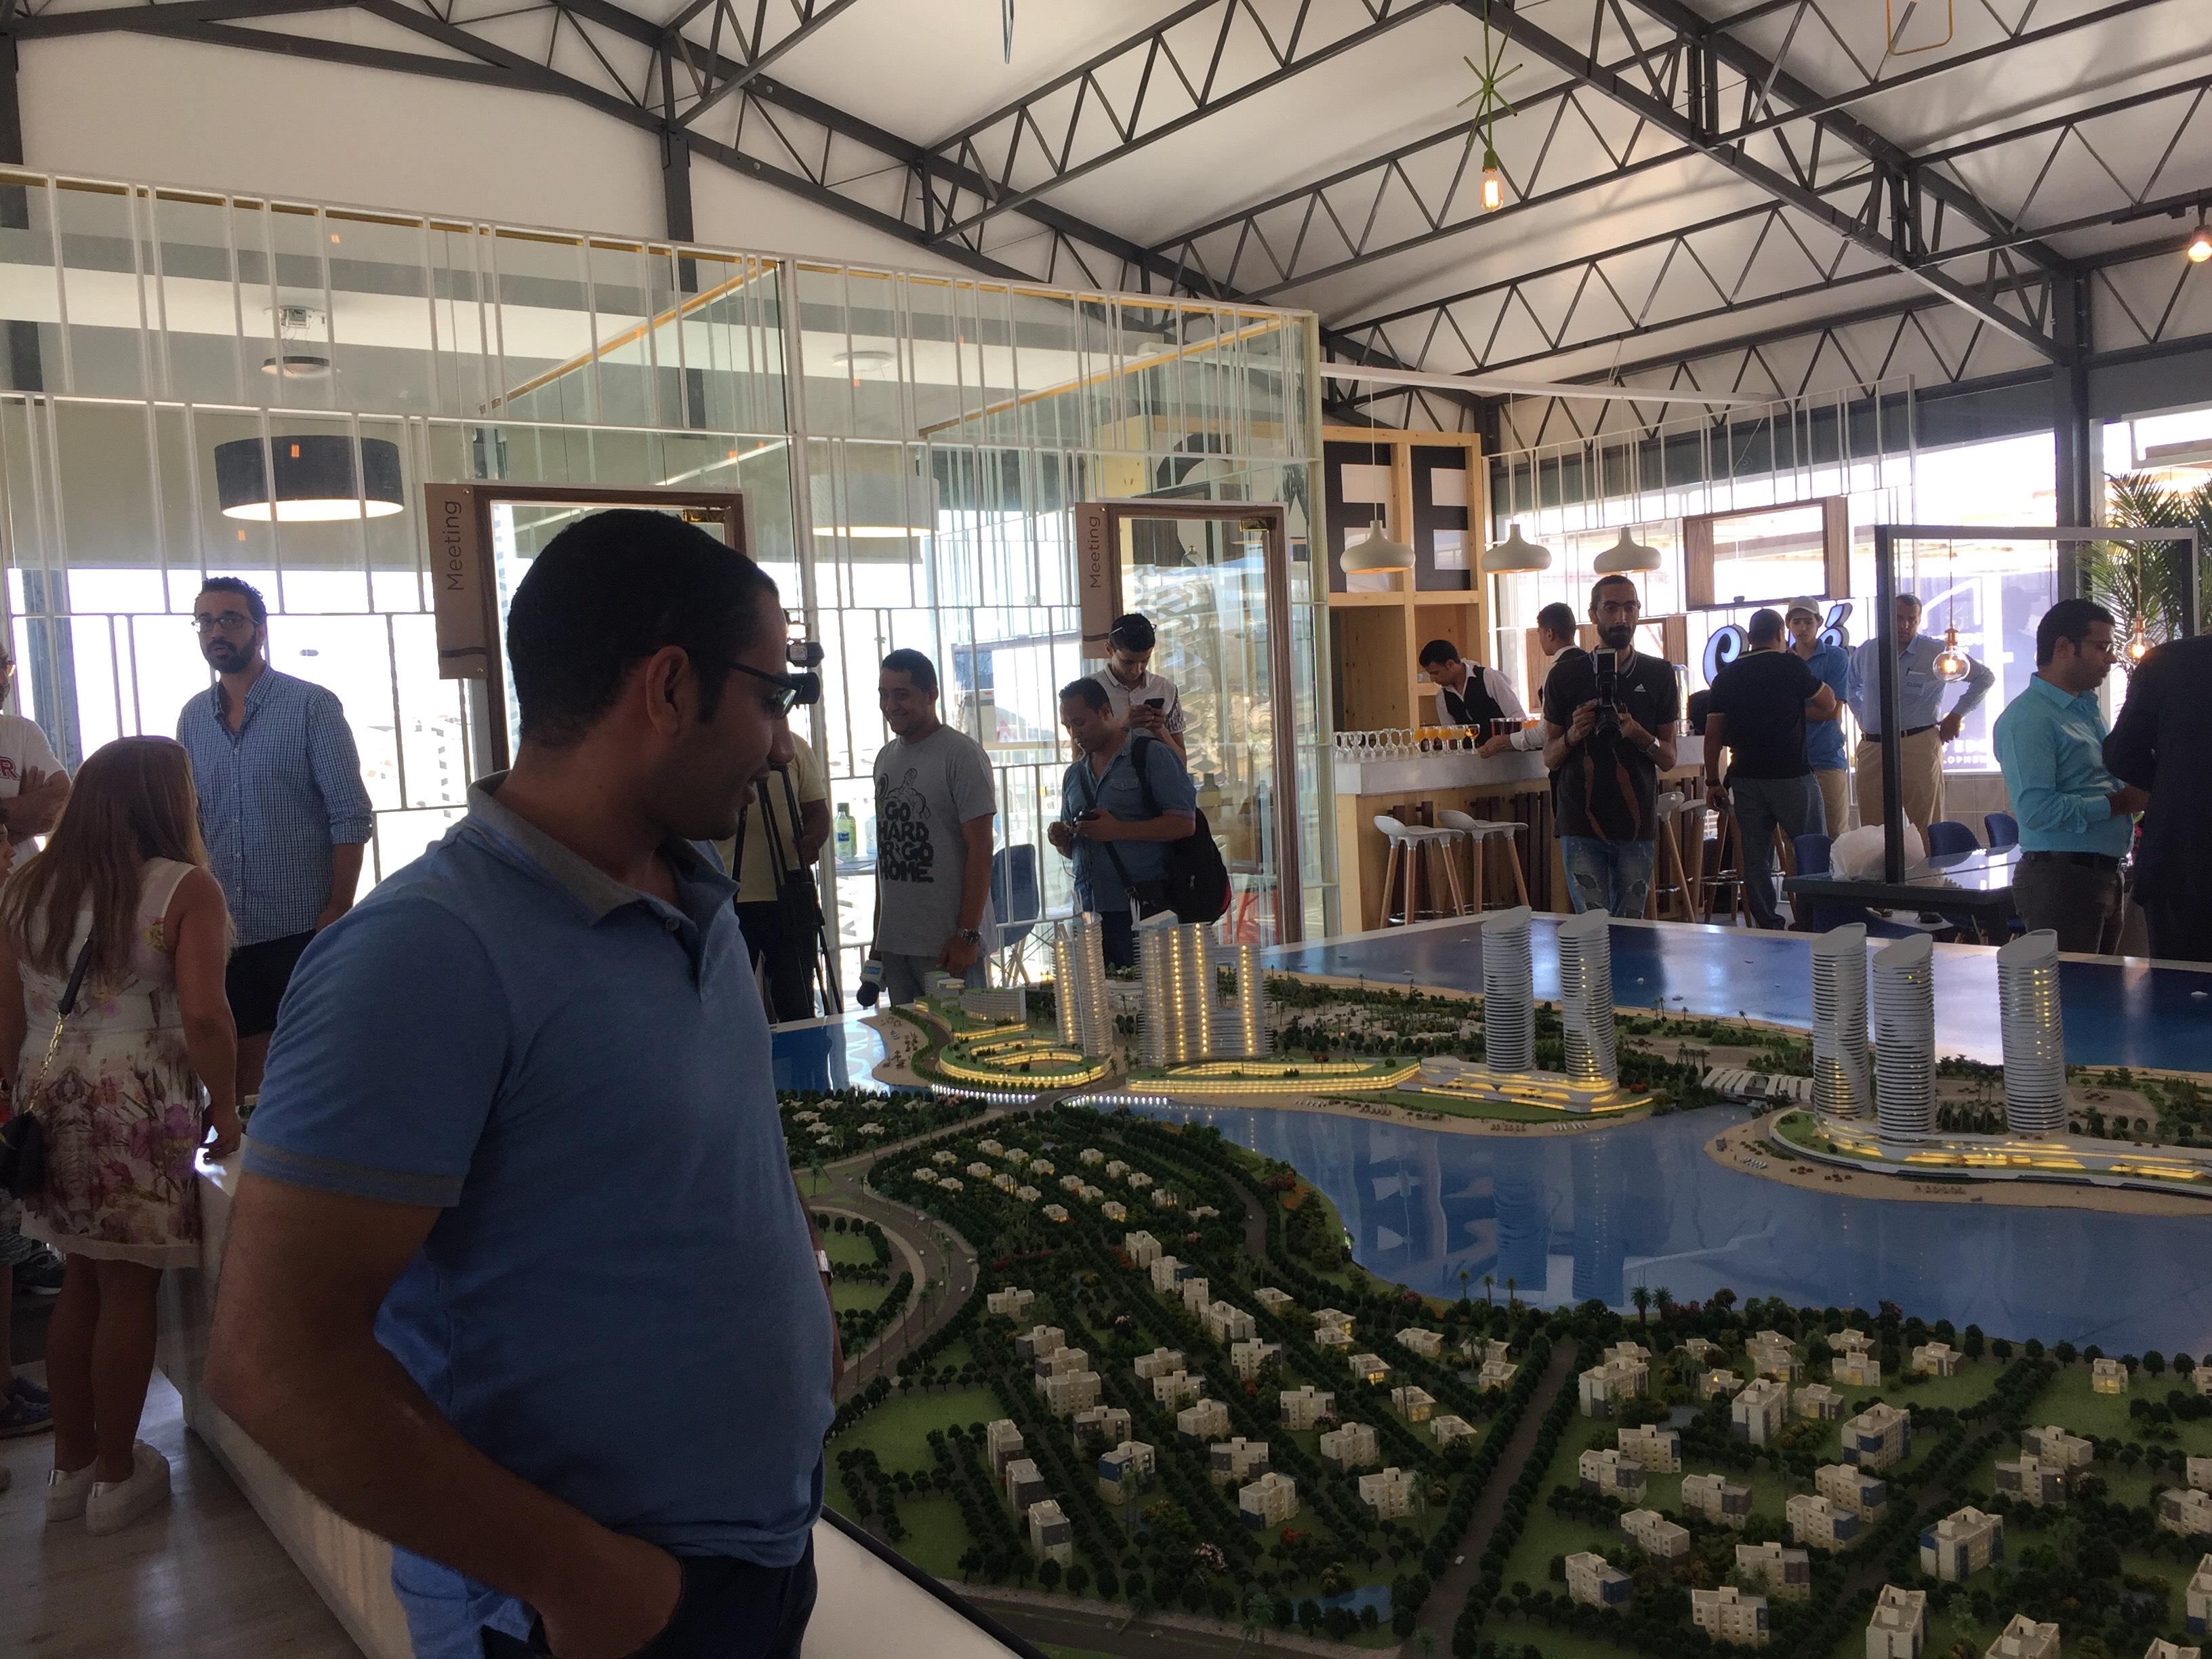 مؤتمر للاعلان عن تفاصيل تسويق ابراج مدينة العلمين الجديدة (5)